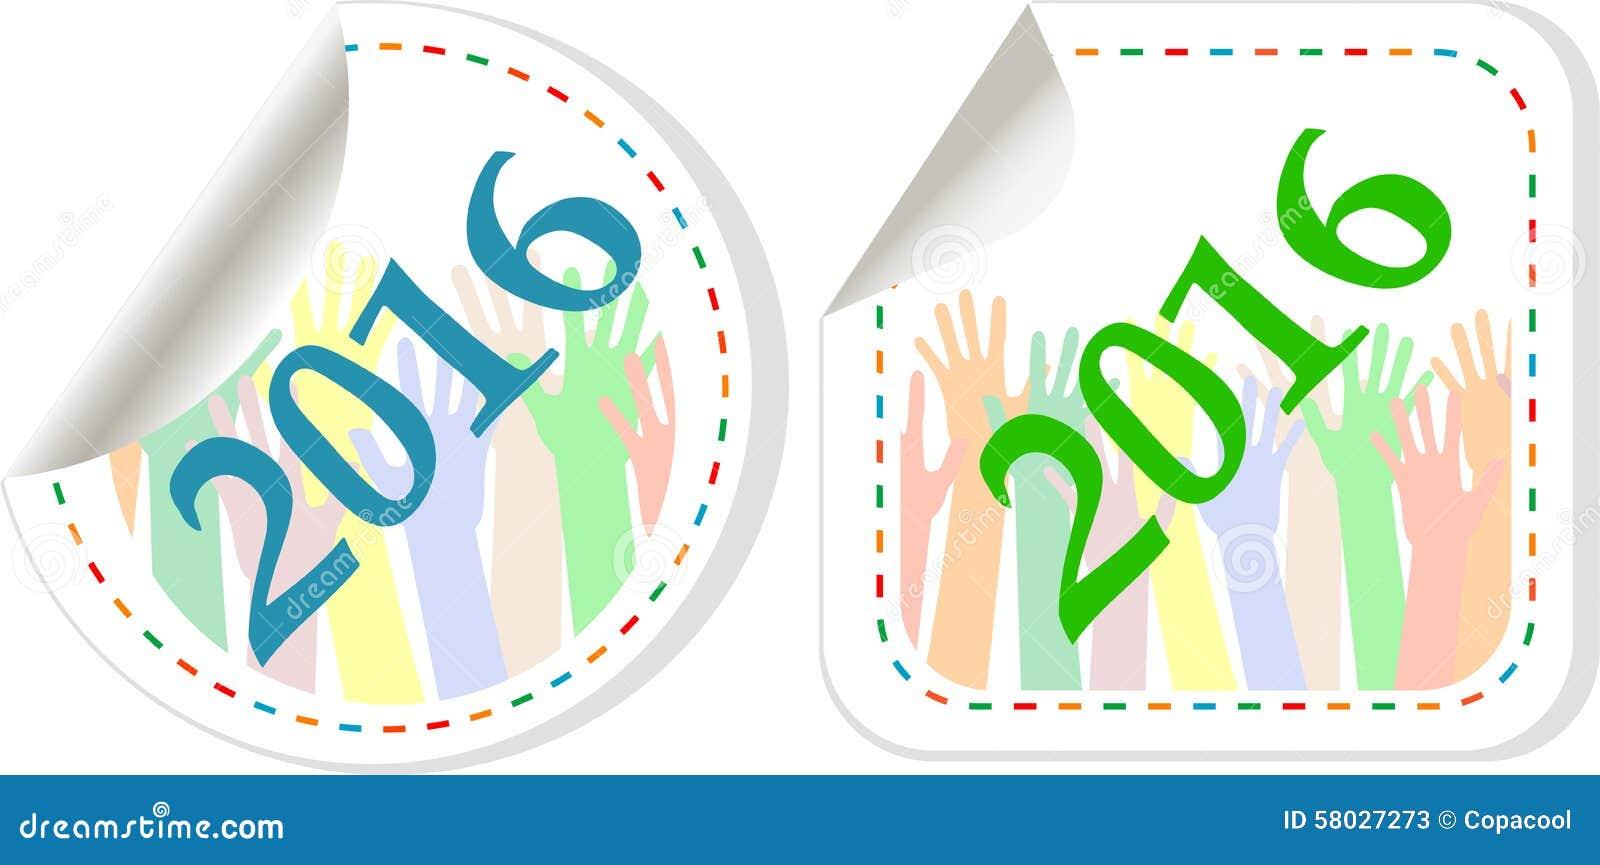 Ikonensatz 2016 Des Neuen Jahres Neue Jahre Symbolvorlage Stockbild ...